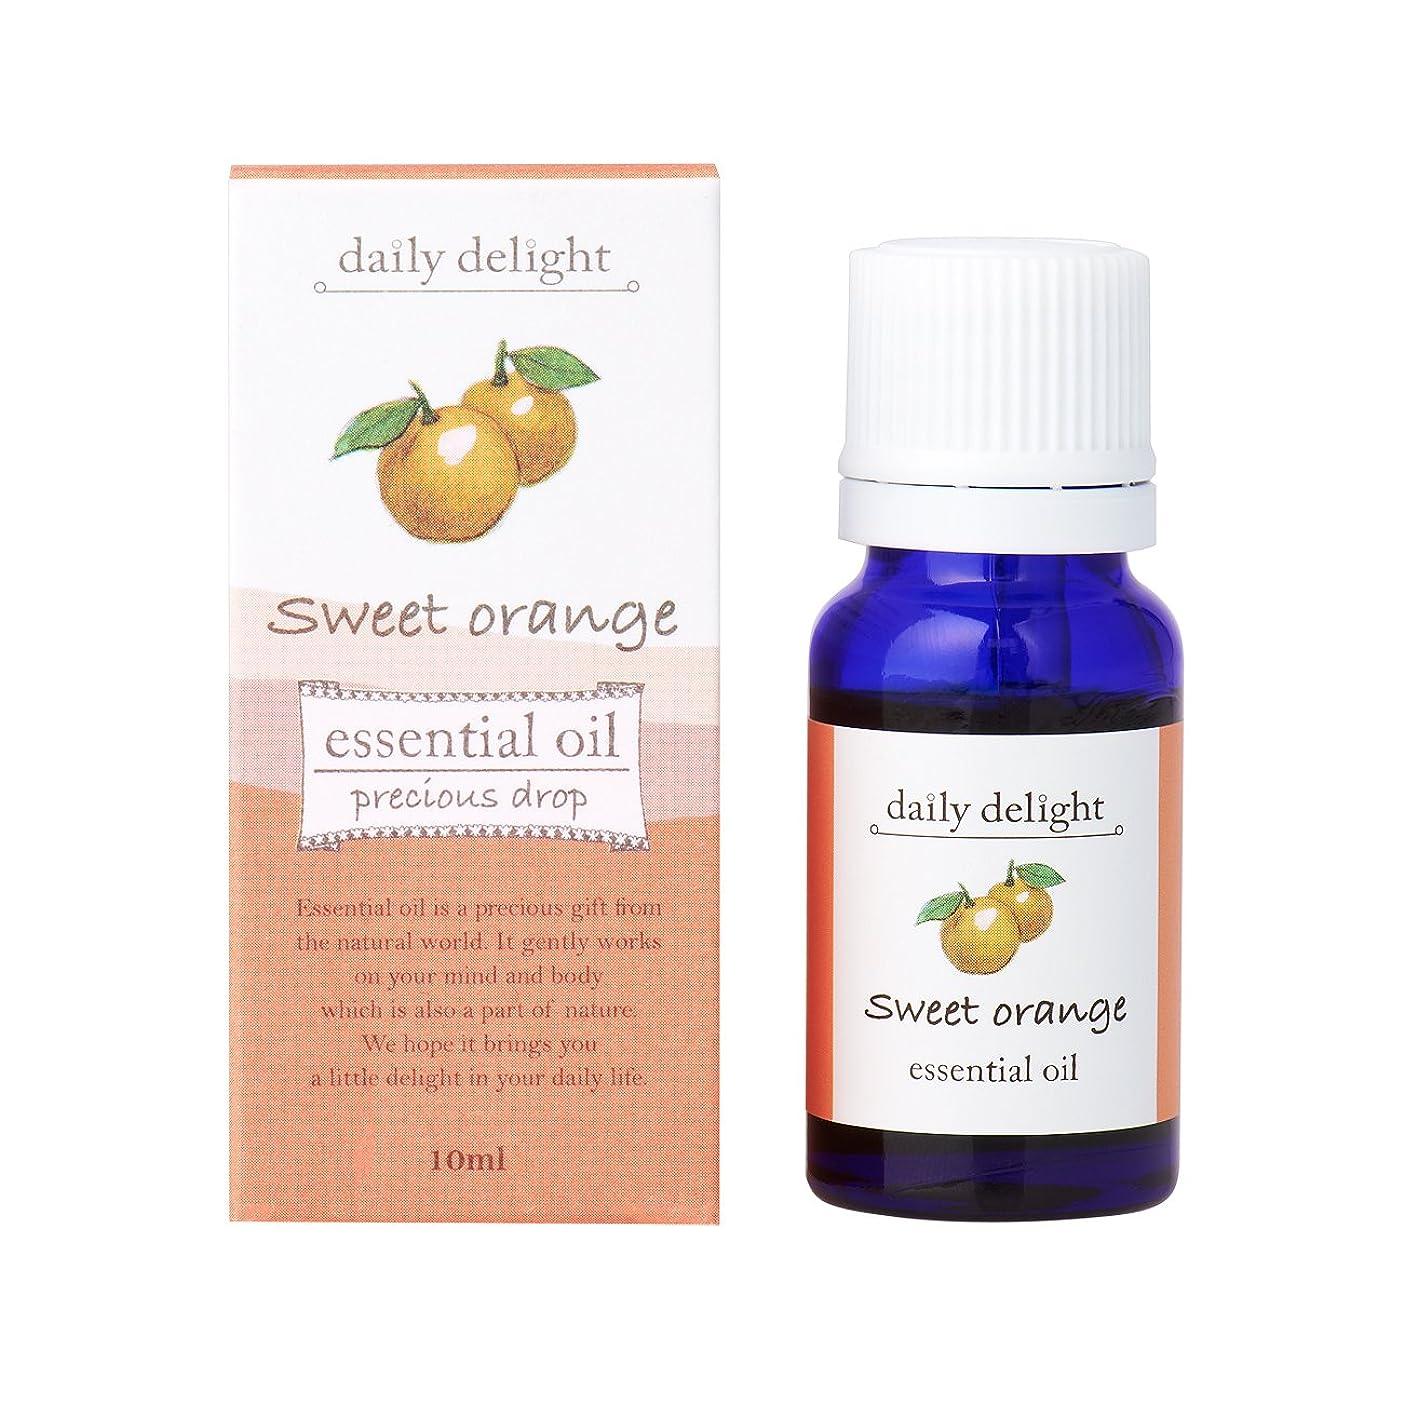 祝う真っ逆さまモーテルデイリーディライト エッセンシャルオイル  スイートオレンジ 10ml(天然100% 精油 アロマ 柑橘系 フルーティで甘く爽やかな香り)